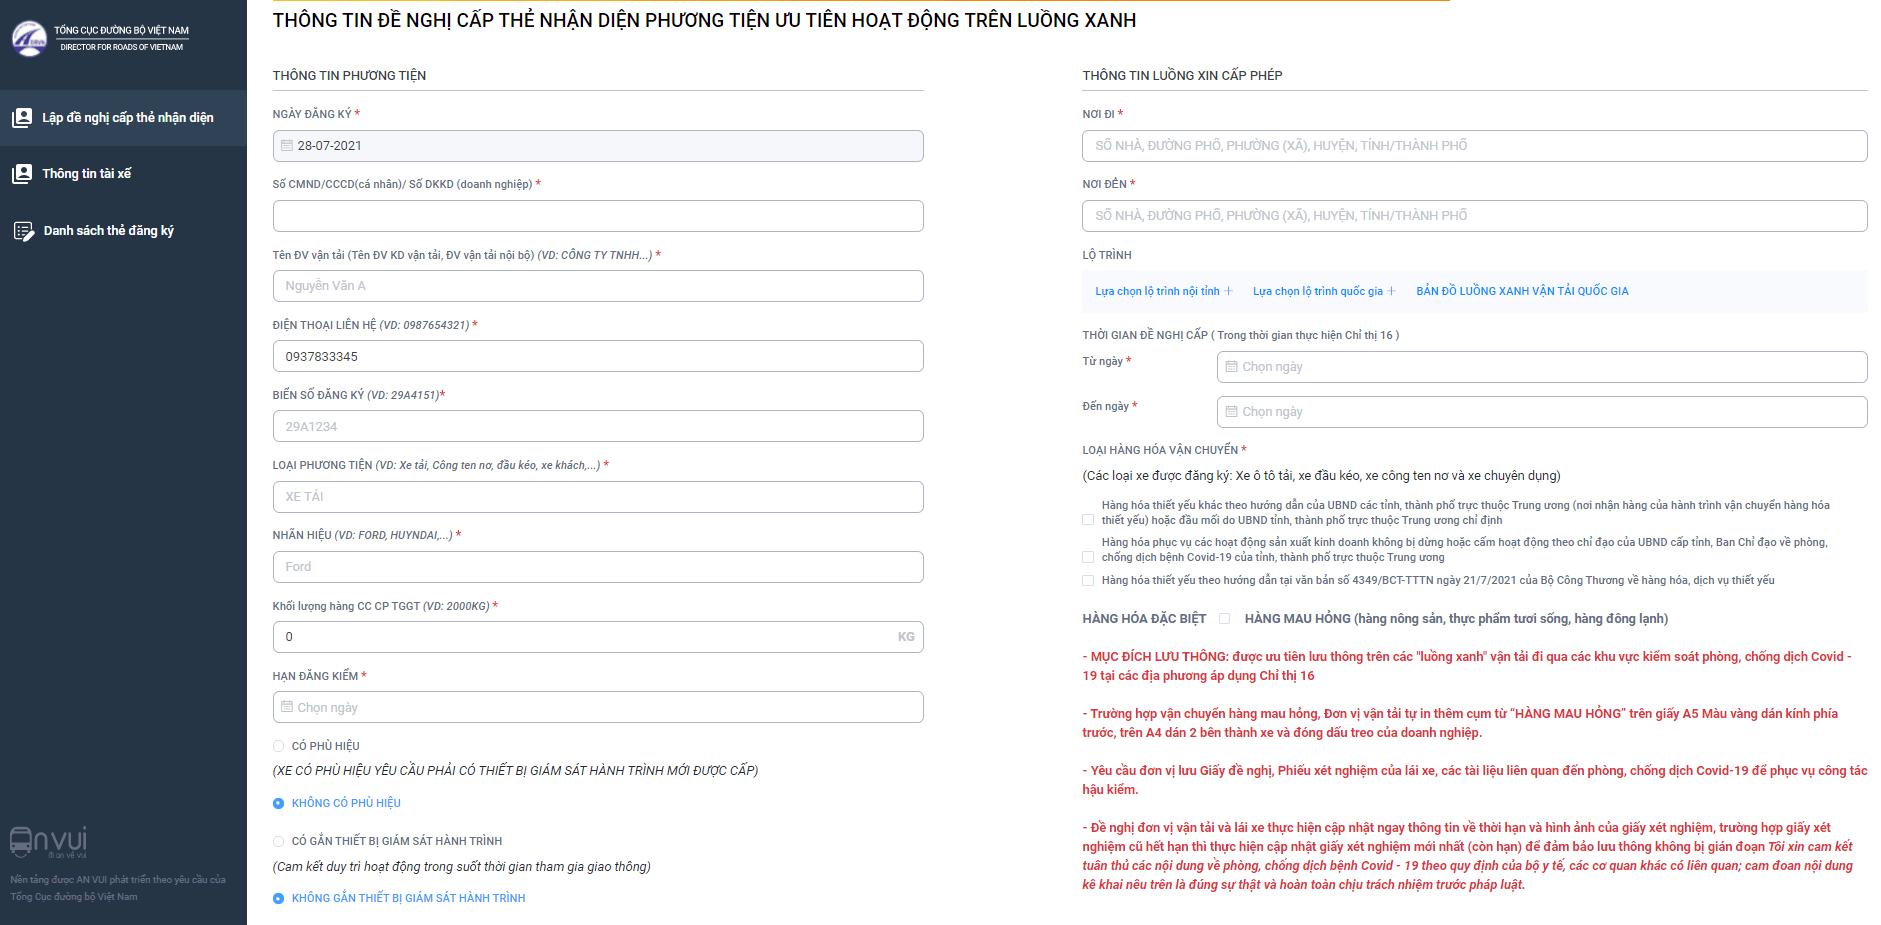 Khai báo thông tin mẫu đăng ký cấp luồng xanh